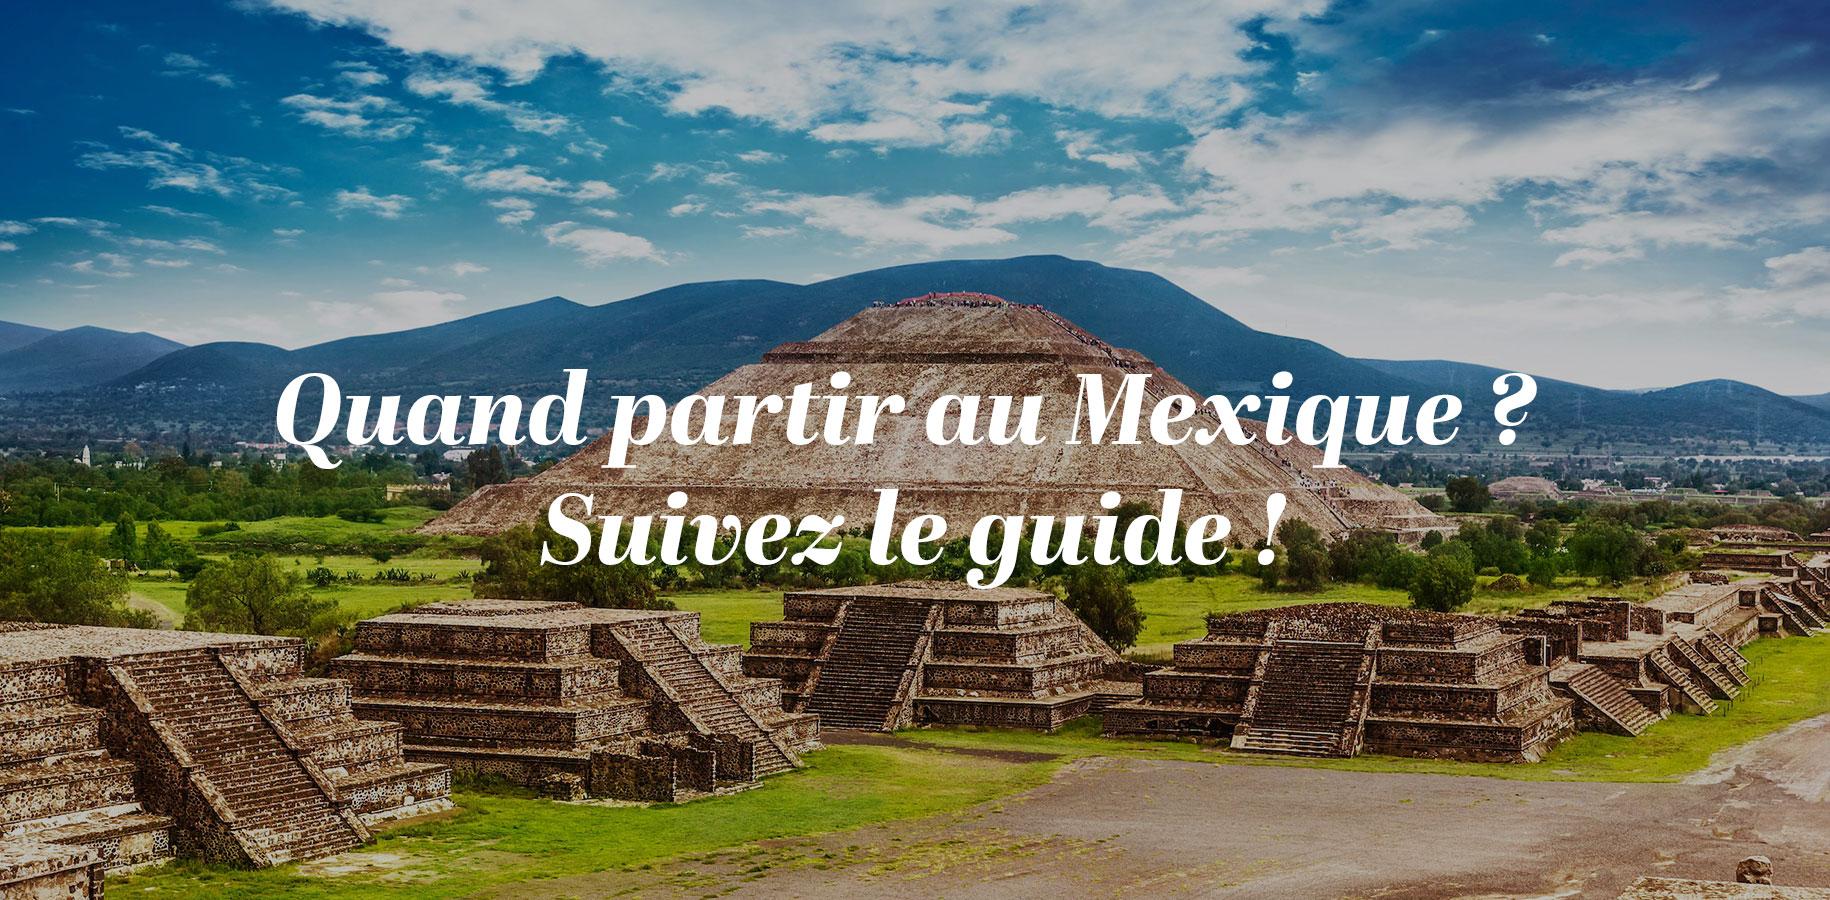 Quand partir au Mexique? Suivez le guide!